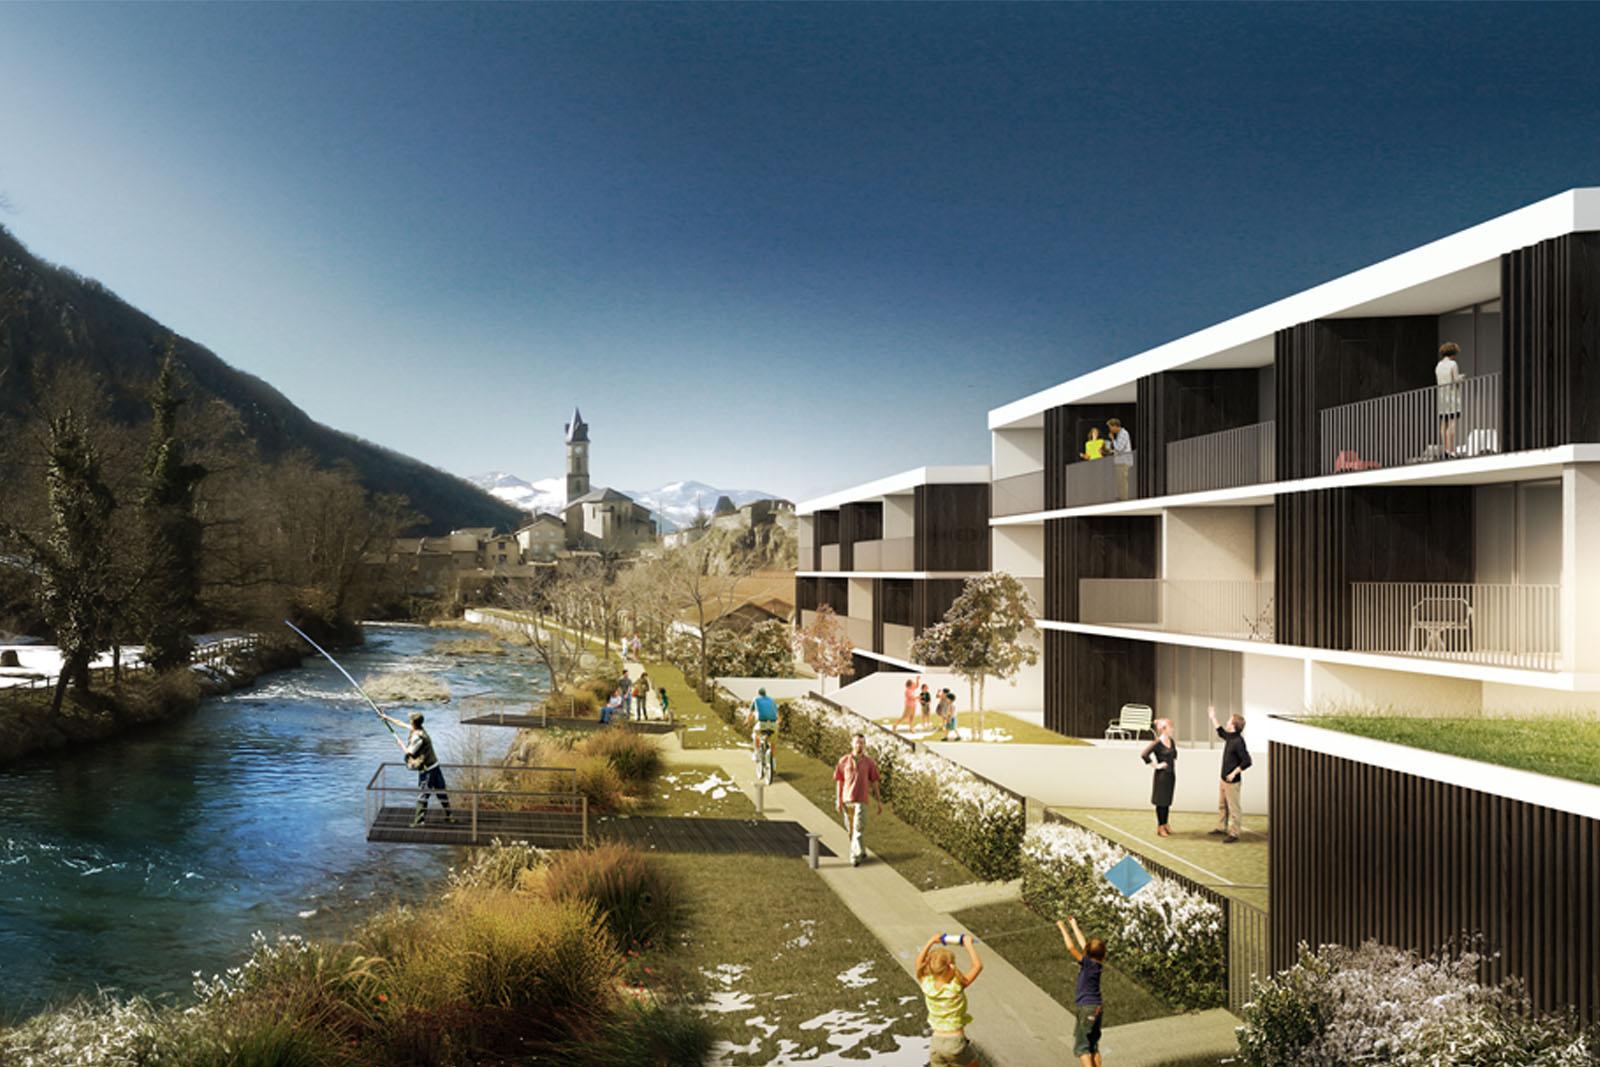 Visuel-photographie-3D-infographie-architecture-paysage